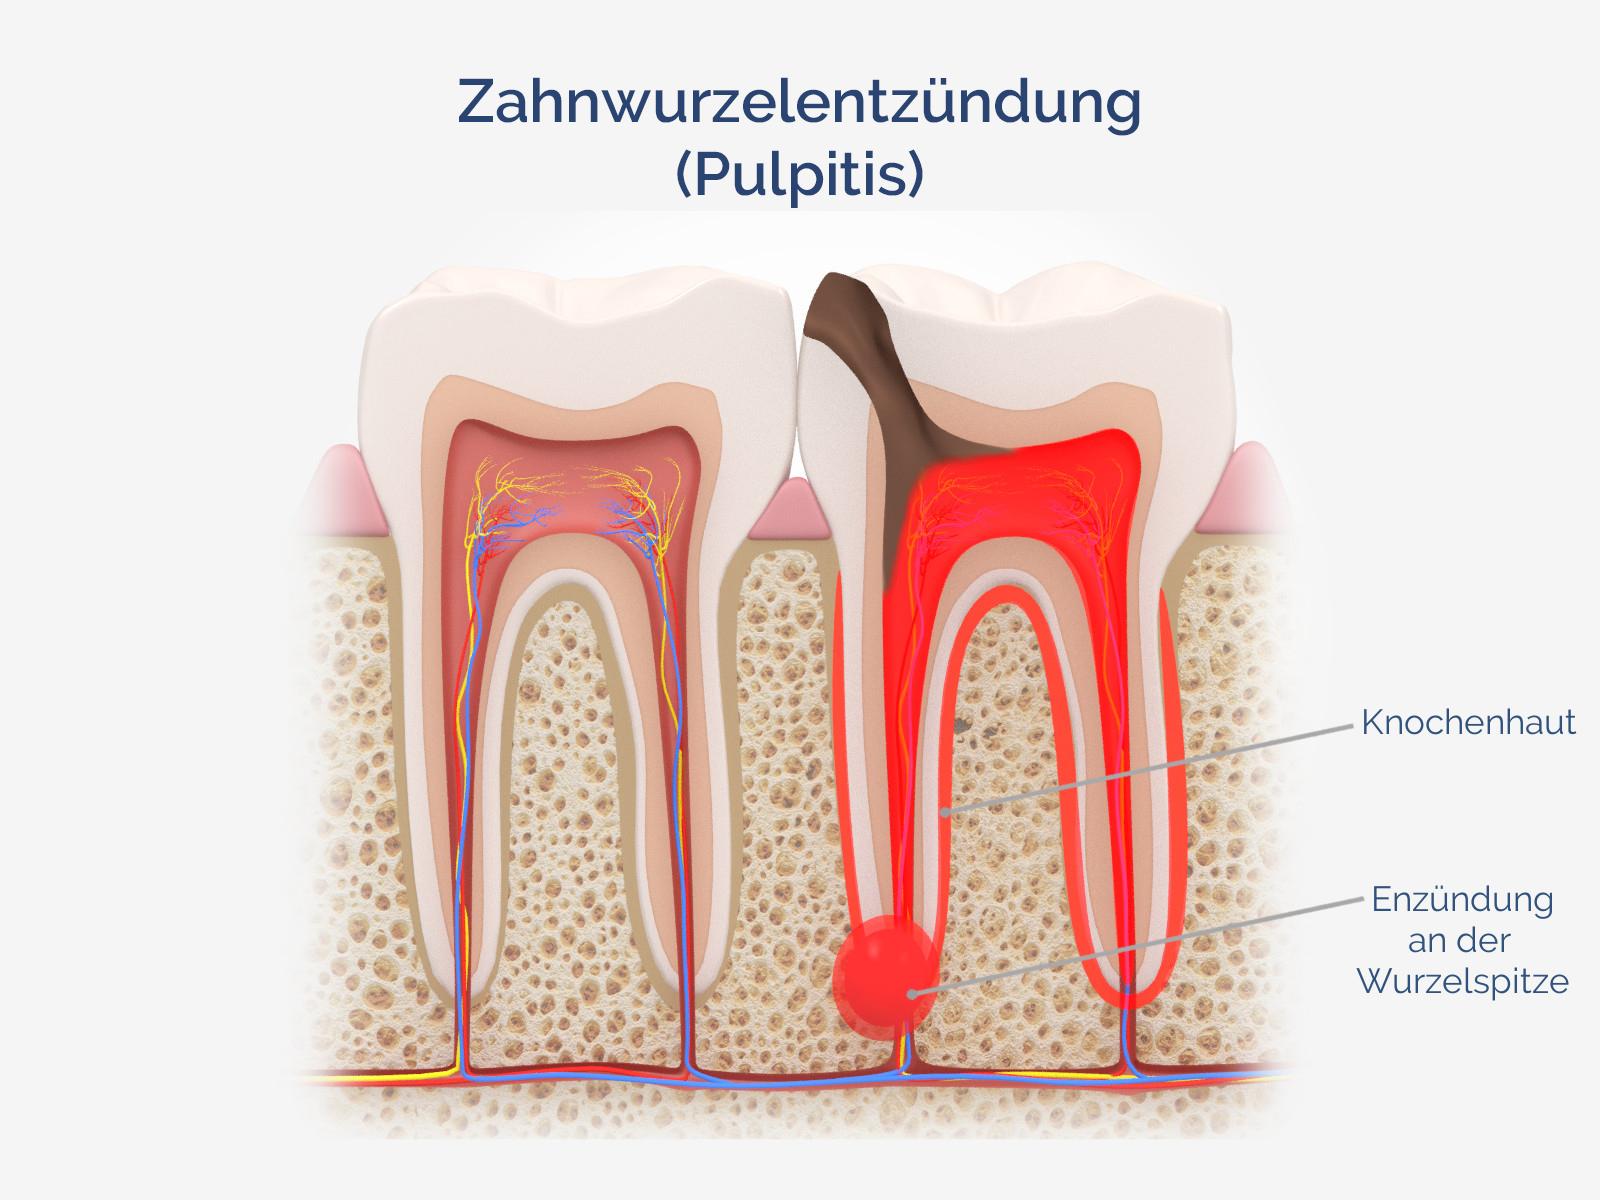 Zahnwurzelentzündung (Pulpitis)